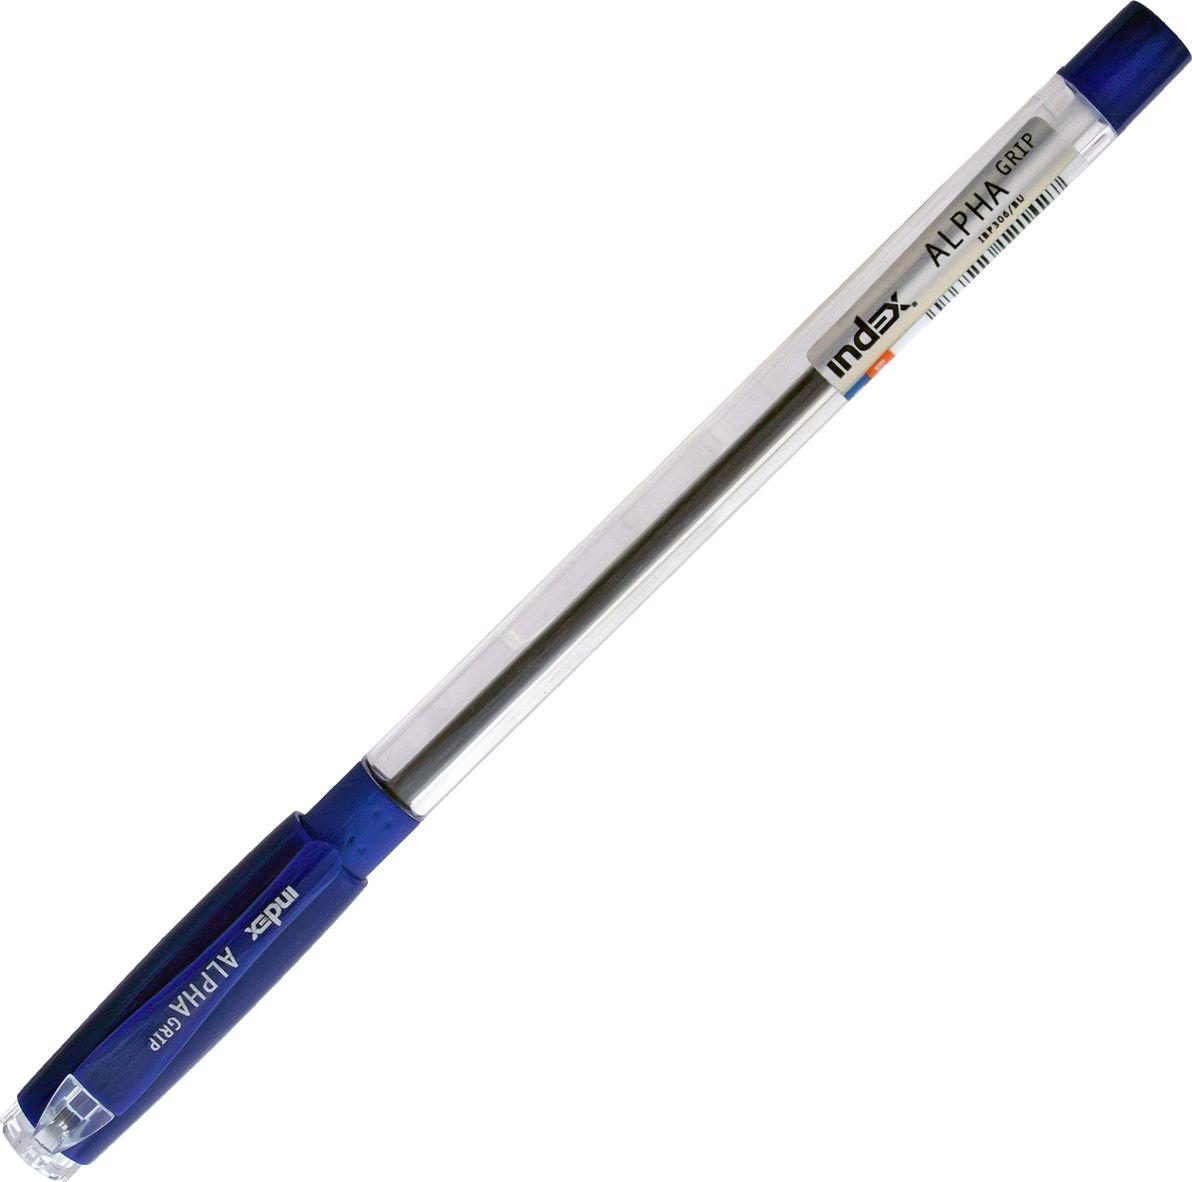 Index Ручка шариковая Alpha Grip цвет чернил синий72523WDПрозрачный корпус с резиновым упором под пальцы. Колпачок и наконечник в цвет чернил. Чернила на масляной основе. Толщина линии - 0,5 мм. Диаметр шарика - 0,7 мм. Цвет чернил - синий. В пакете с европодвесом